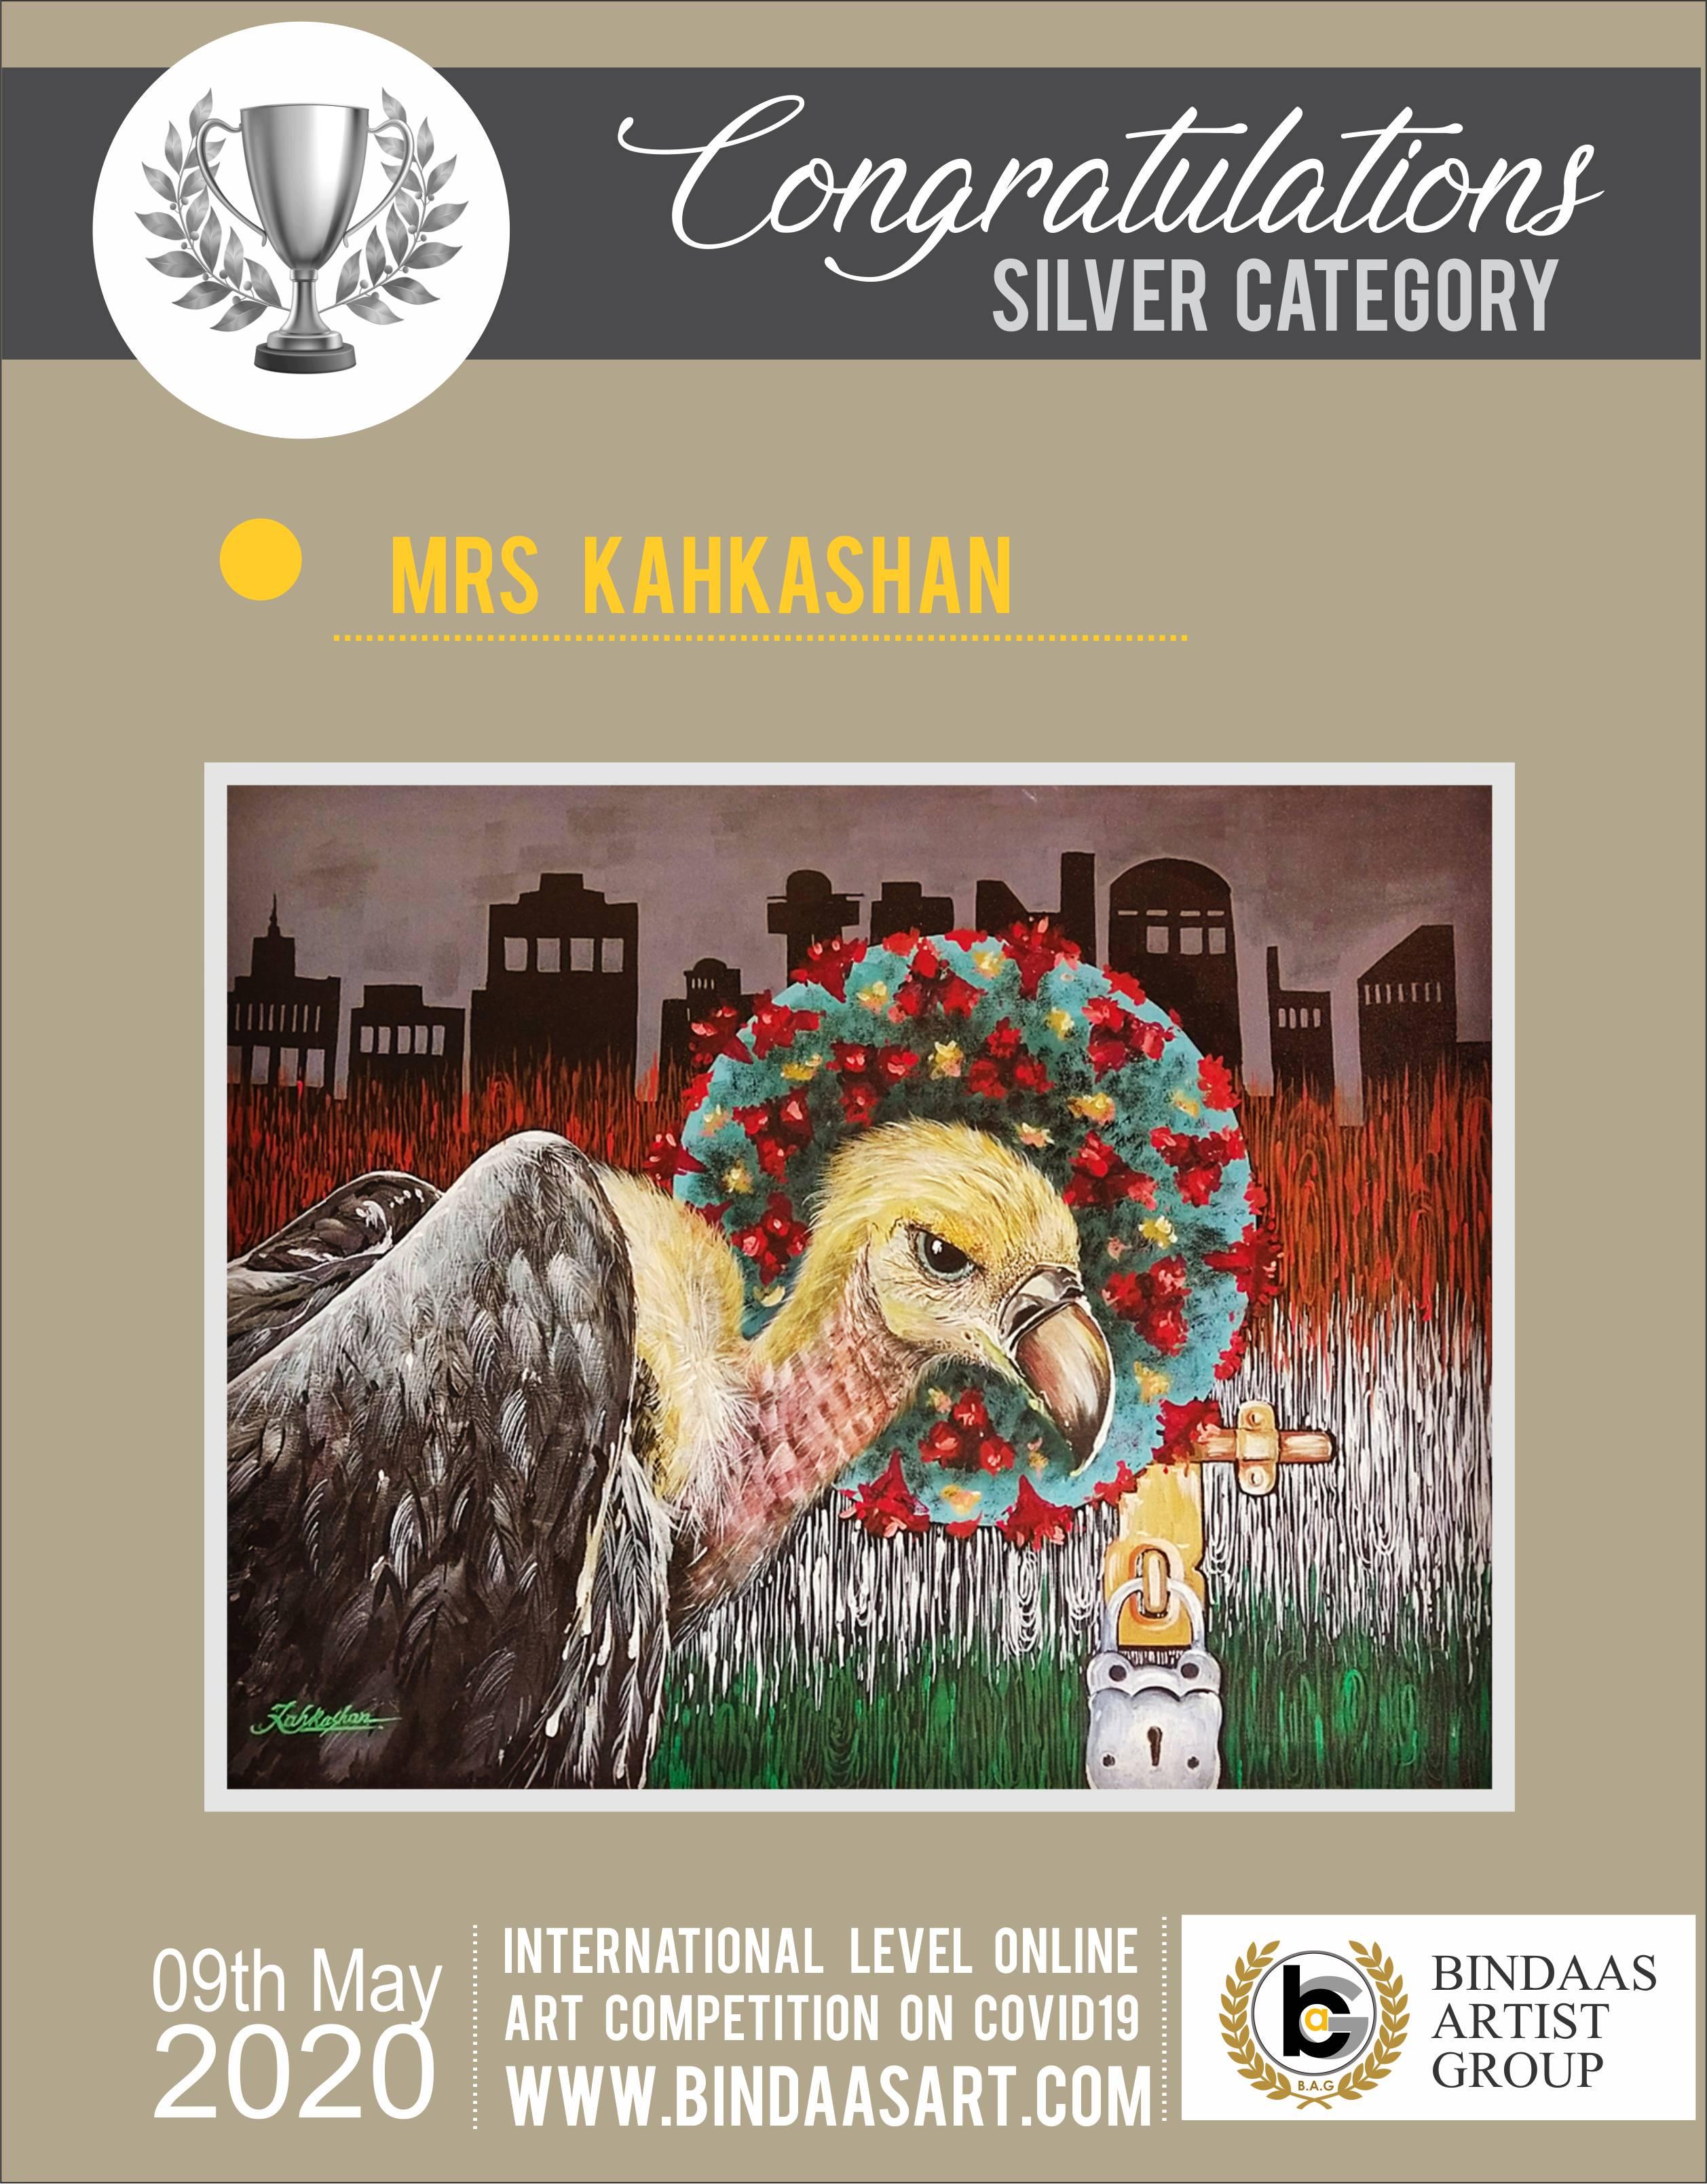 Mrs Kahkashan